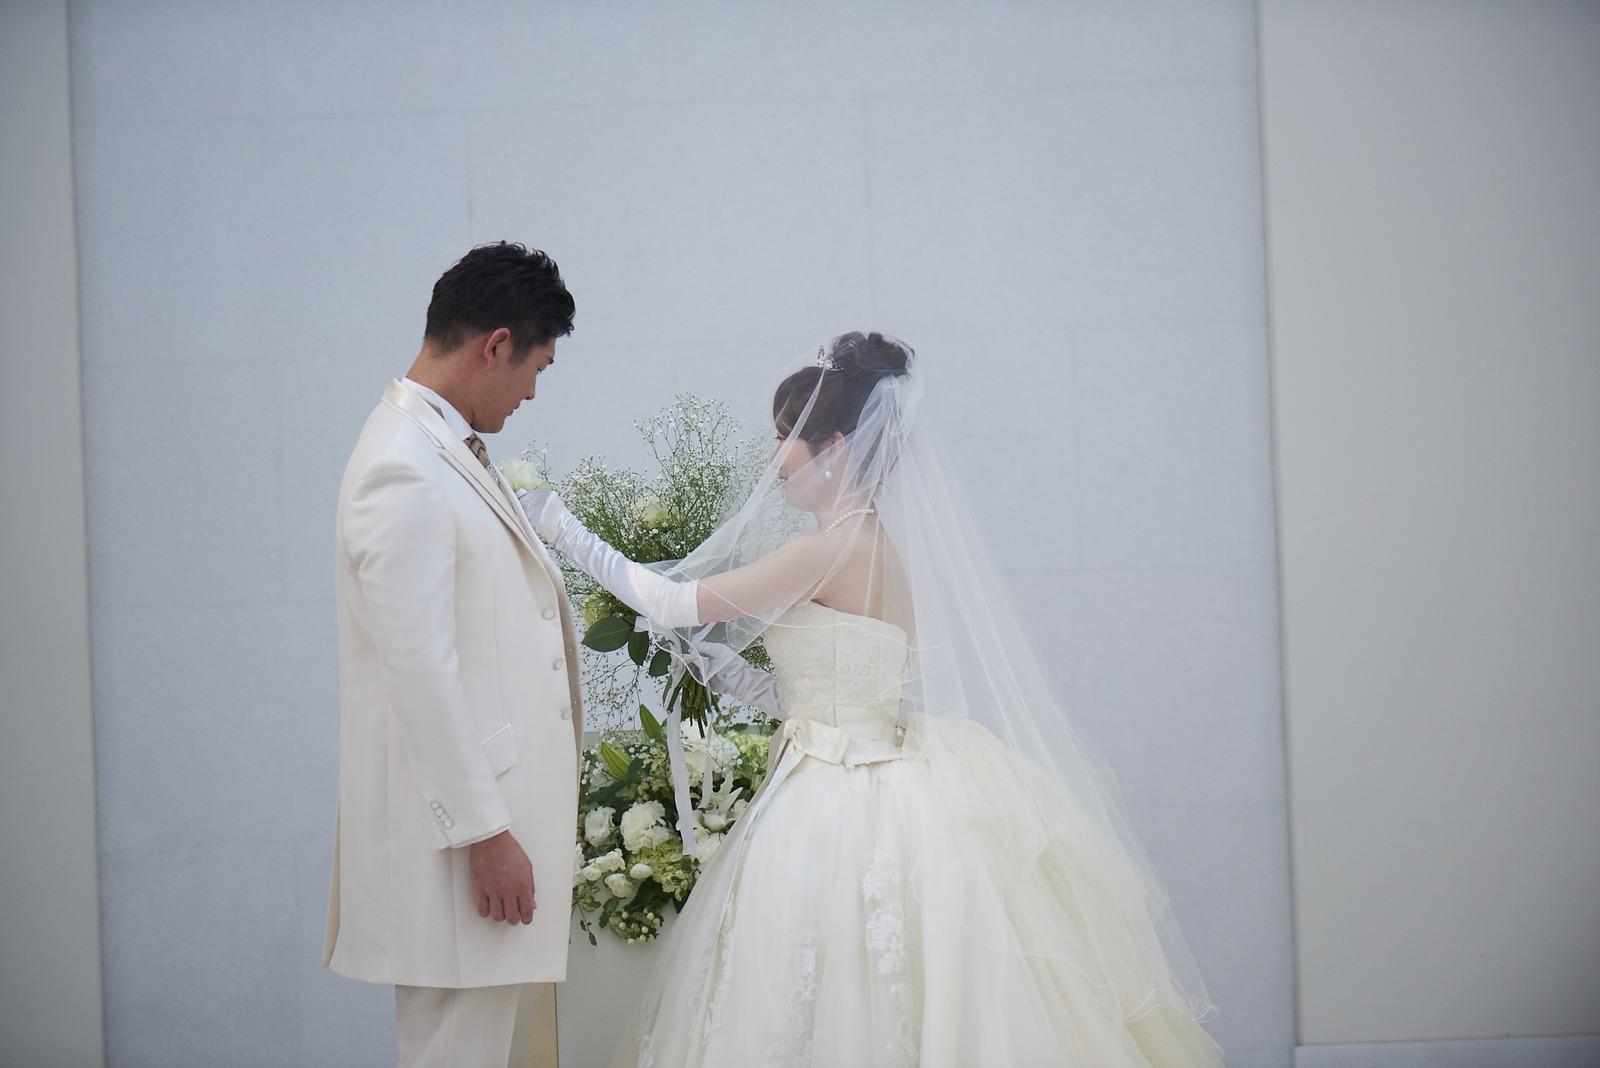 徳島市の結婚式場ブランアンジュで受け取ったブーケからブートニアを返す新郎様